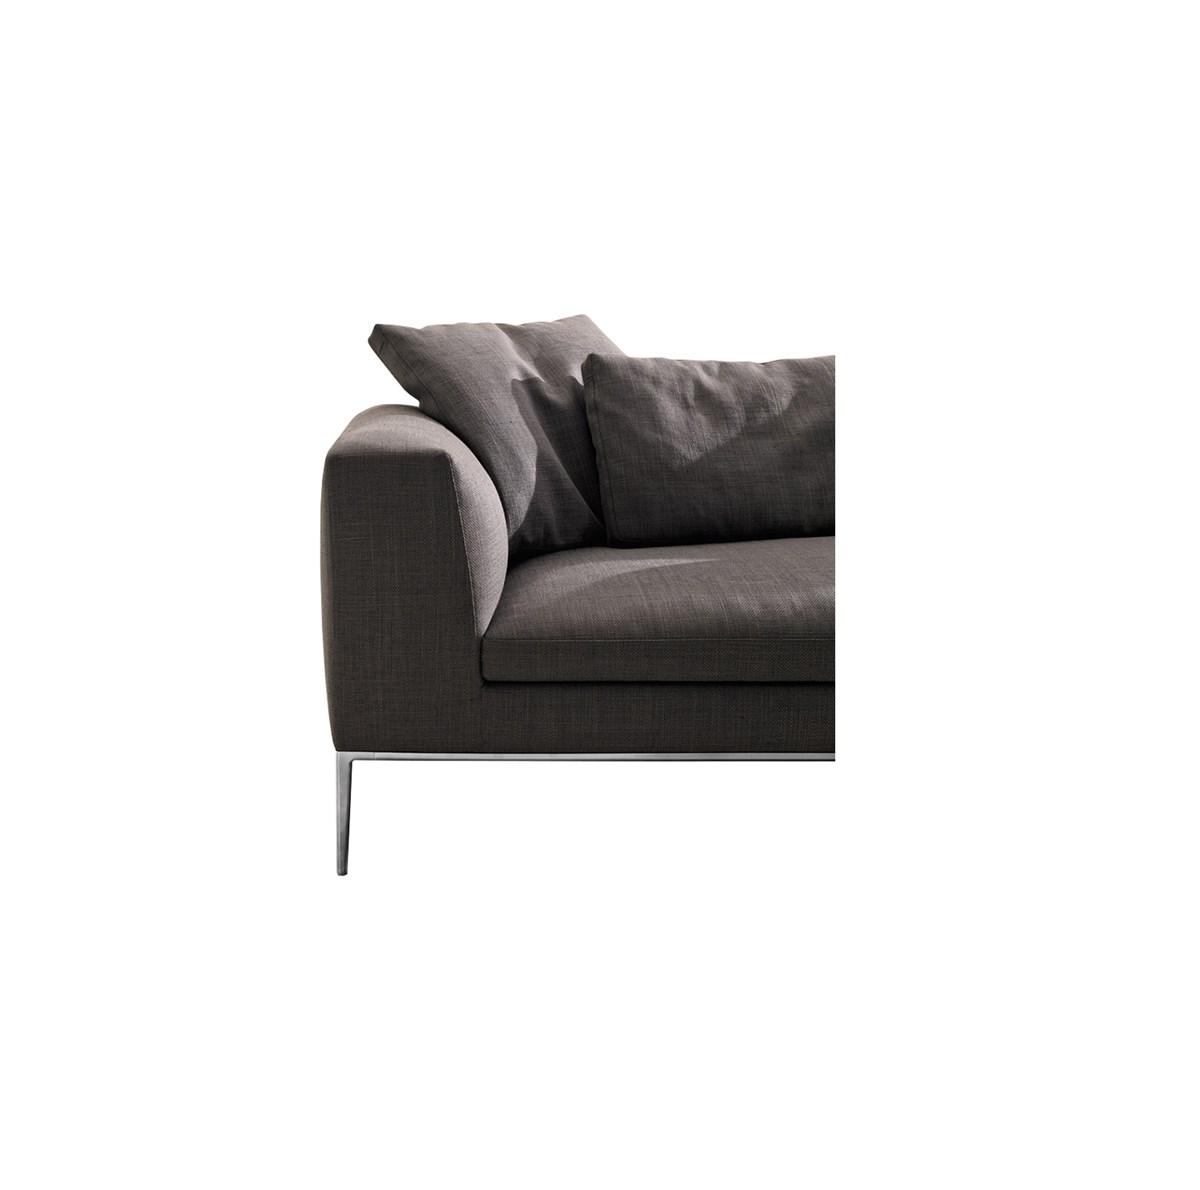 Maxalto-Antonio-Citterio-Michel-Sofa-Matisse-2